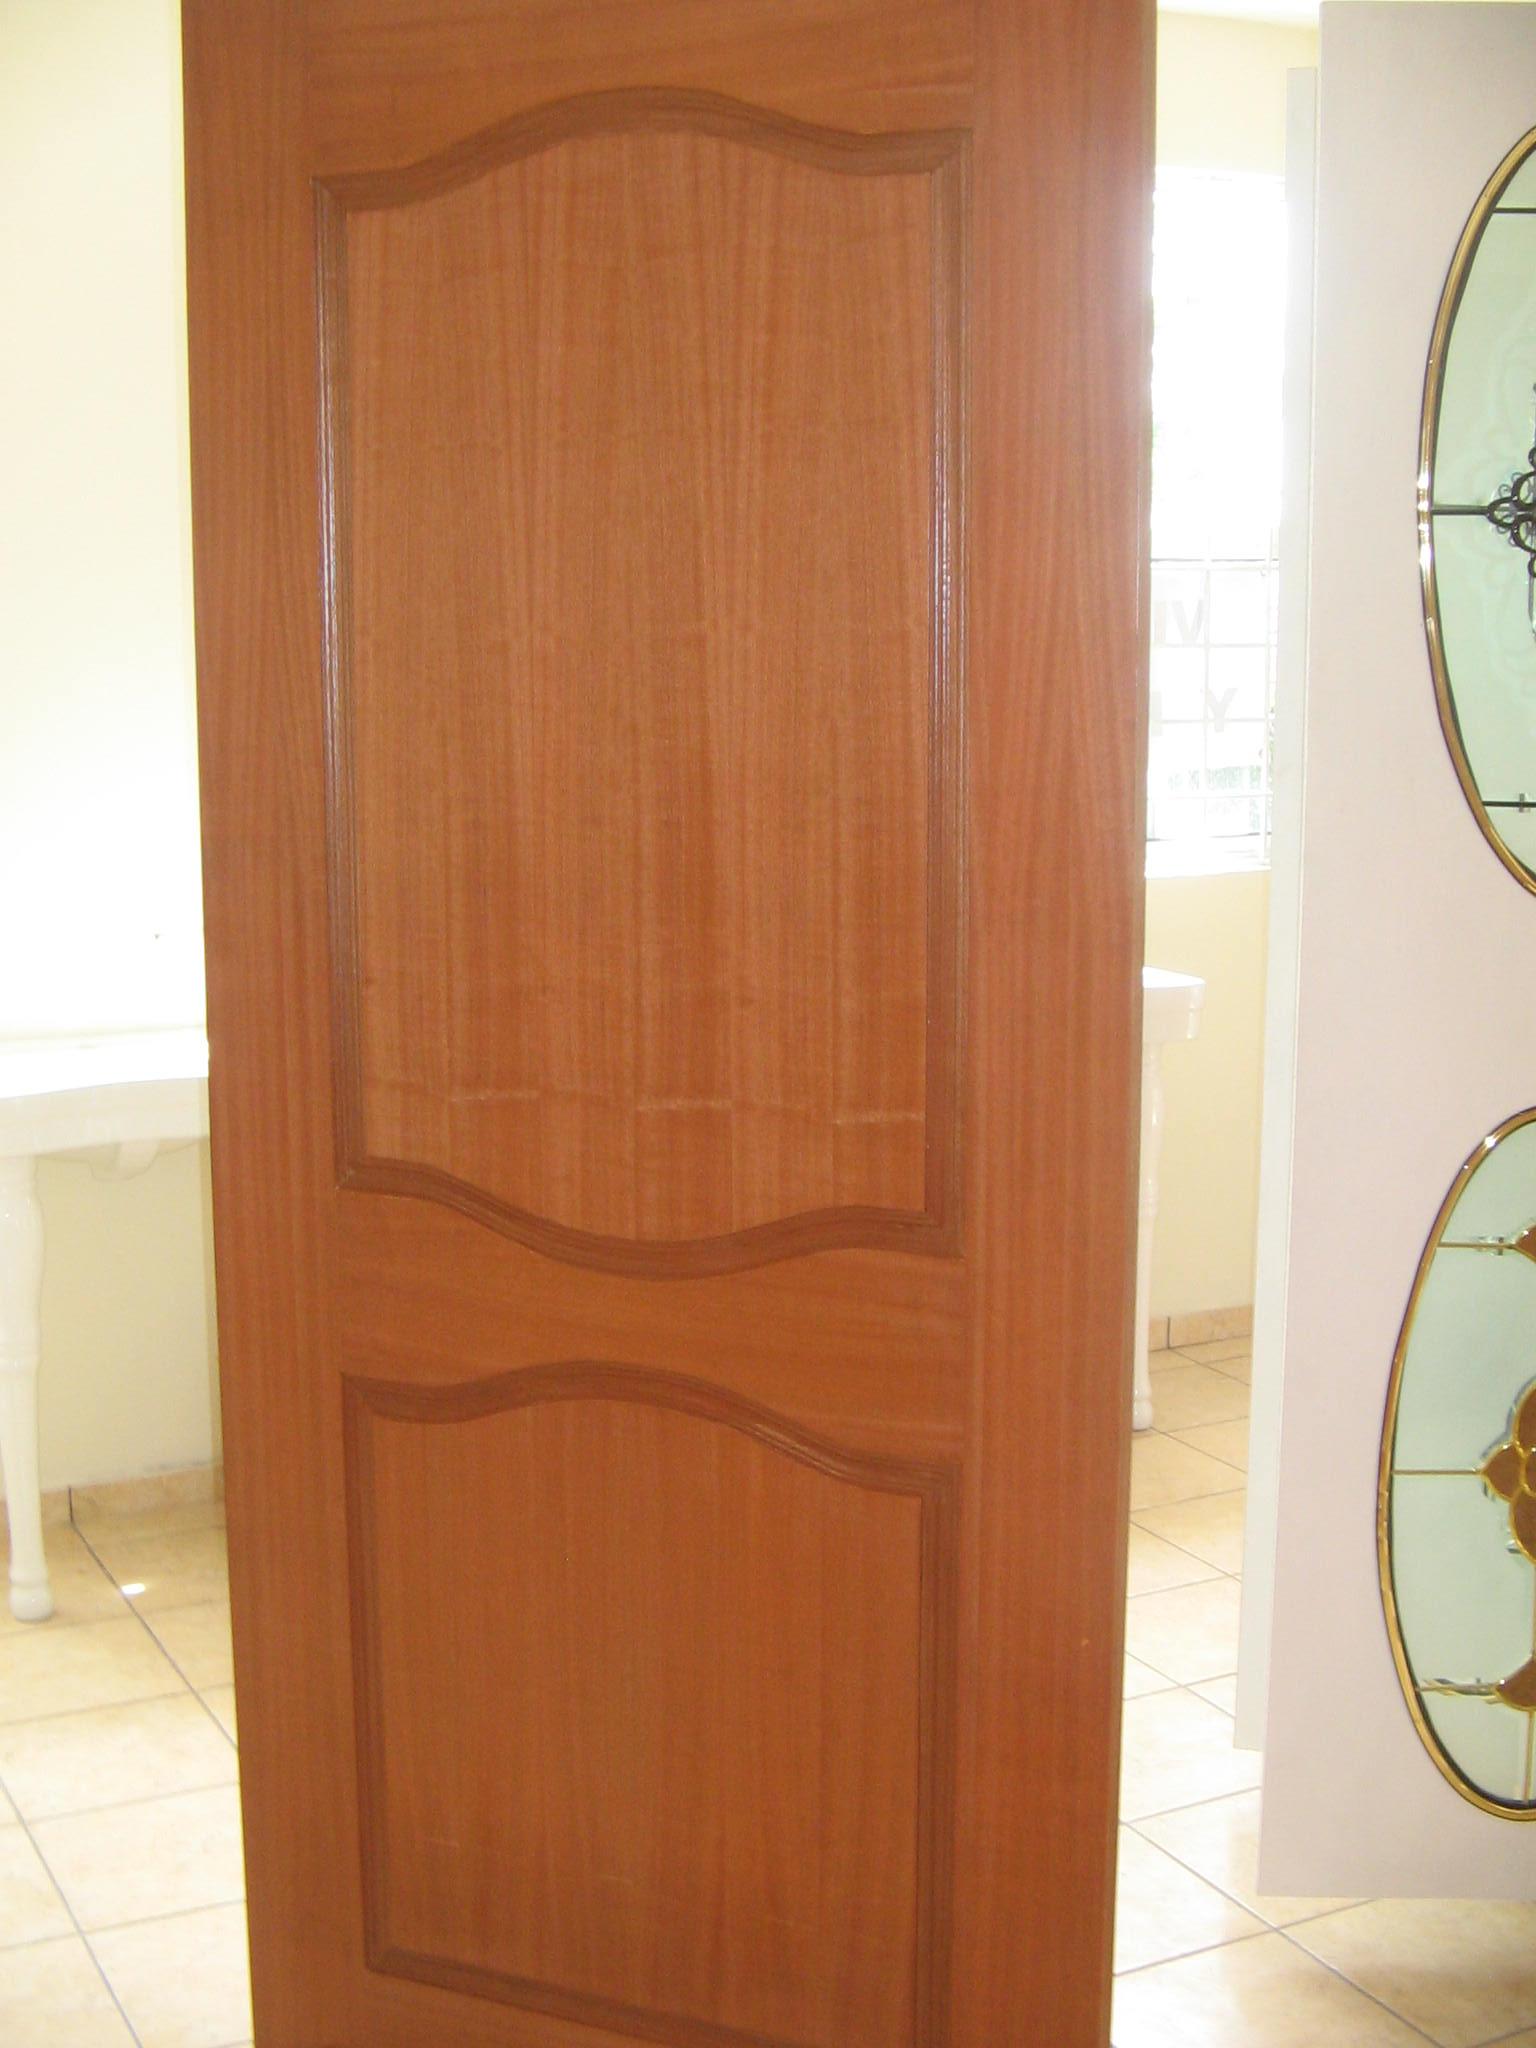 Puertas con y sin vitral for Puertas con vidrieras decorativas